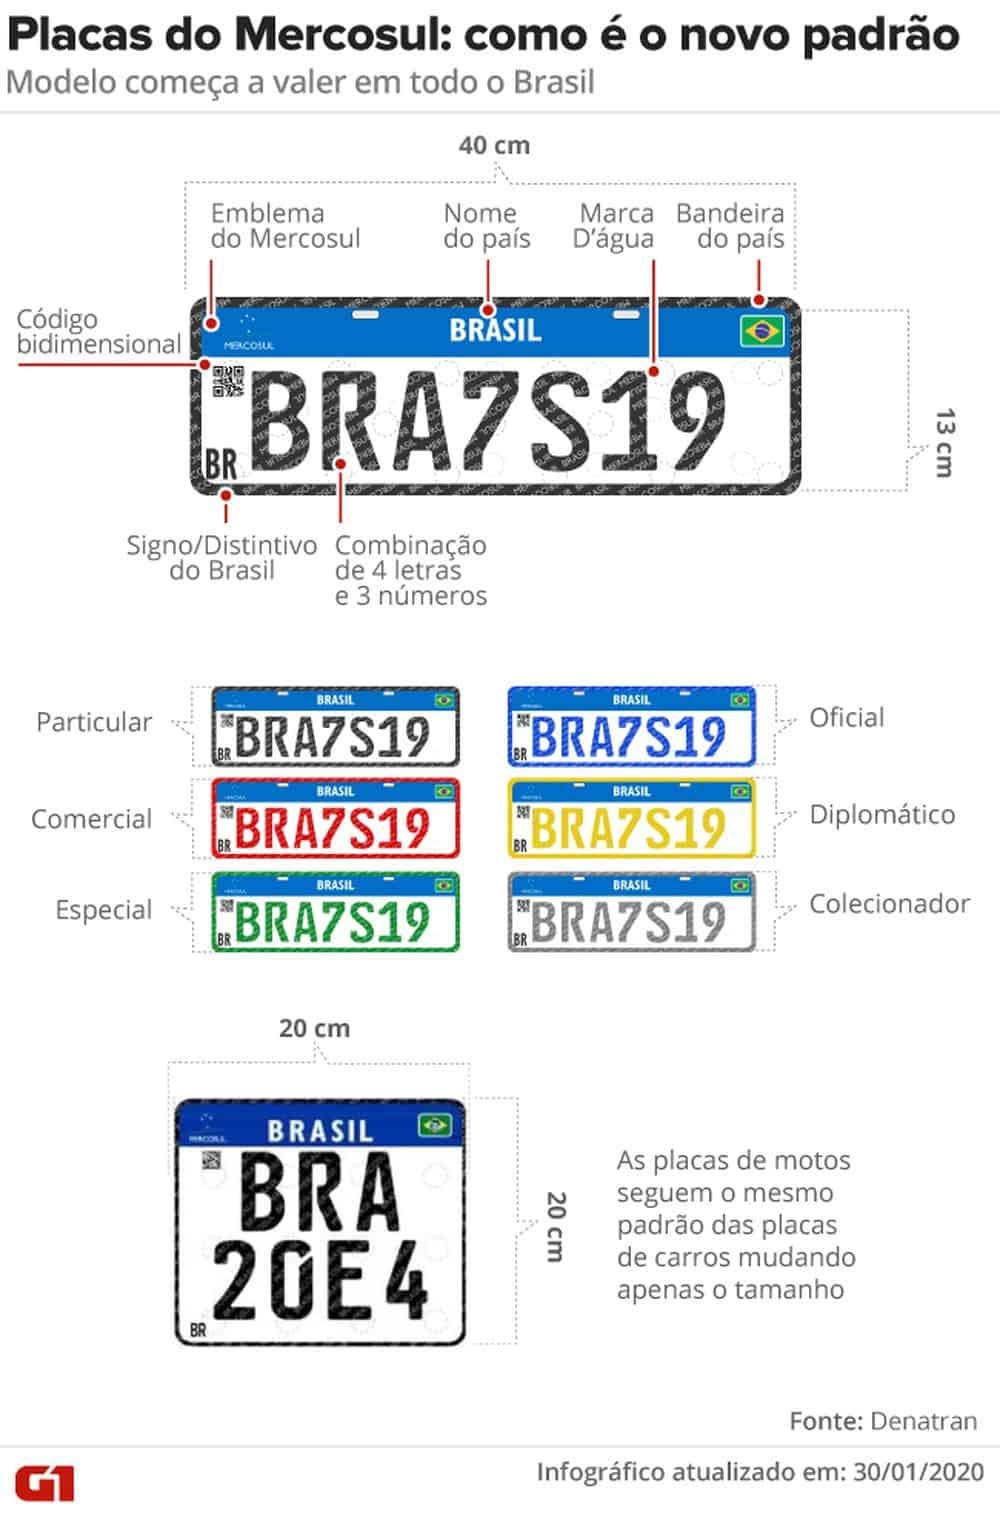 Placa do Mercosul: quem precisa usar? E qual valor? Saiba tudo aqui! (Imagem: Reprodução - Google)